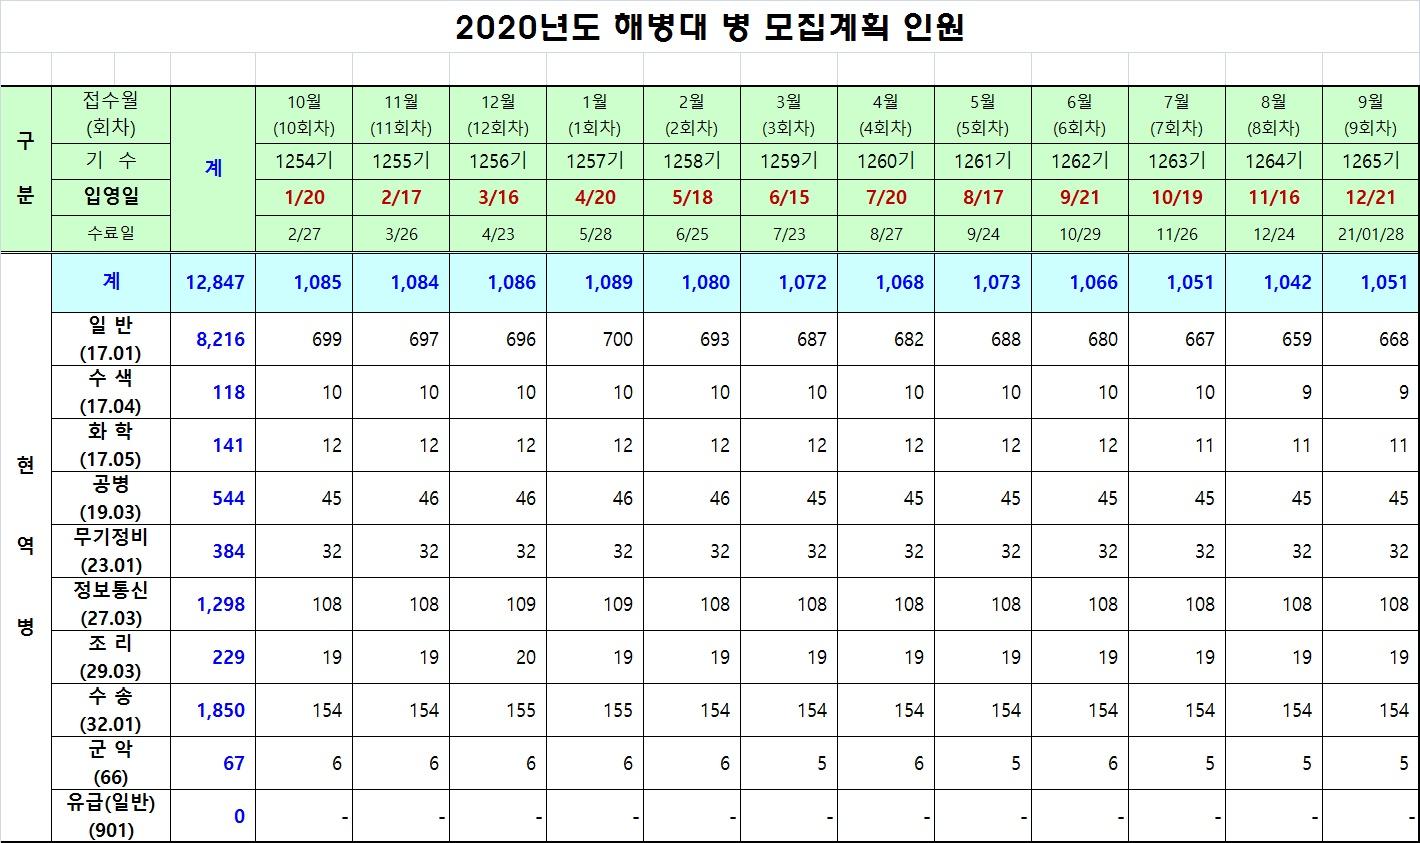 사본 -2020년도 해병대 병 모집계획.jpg